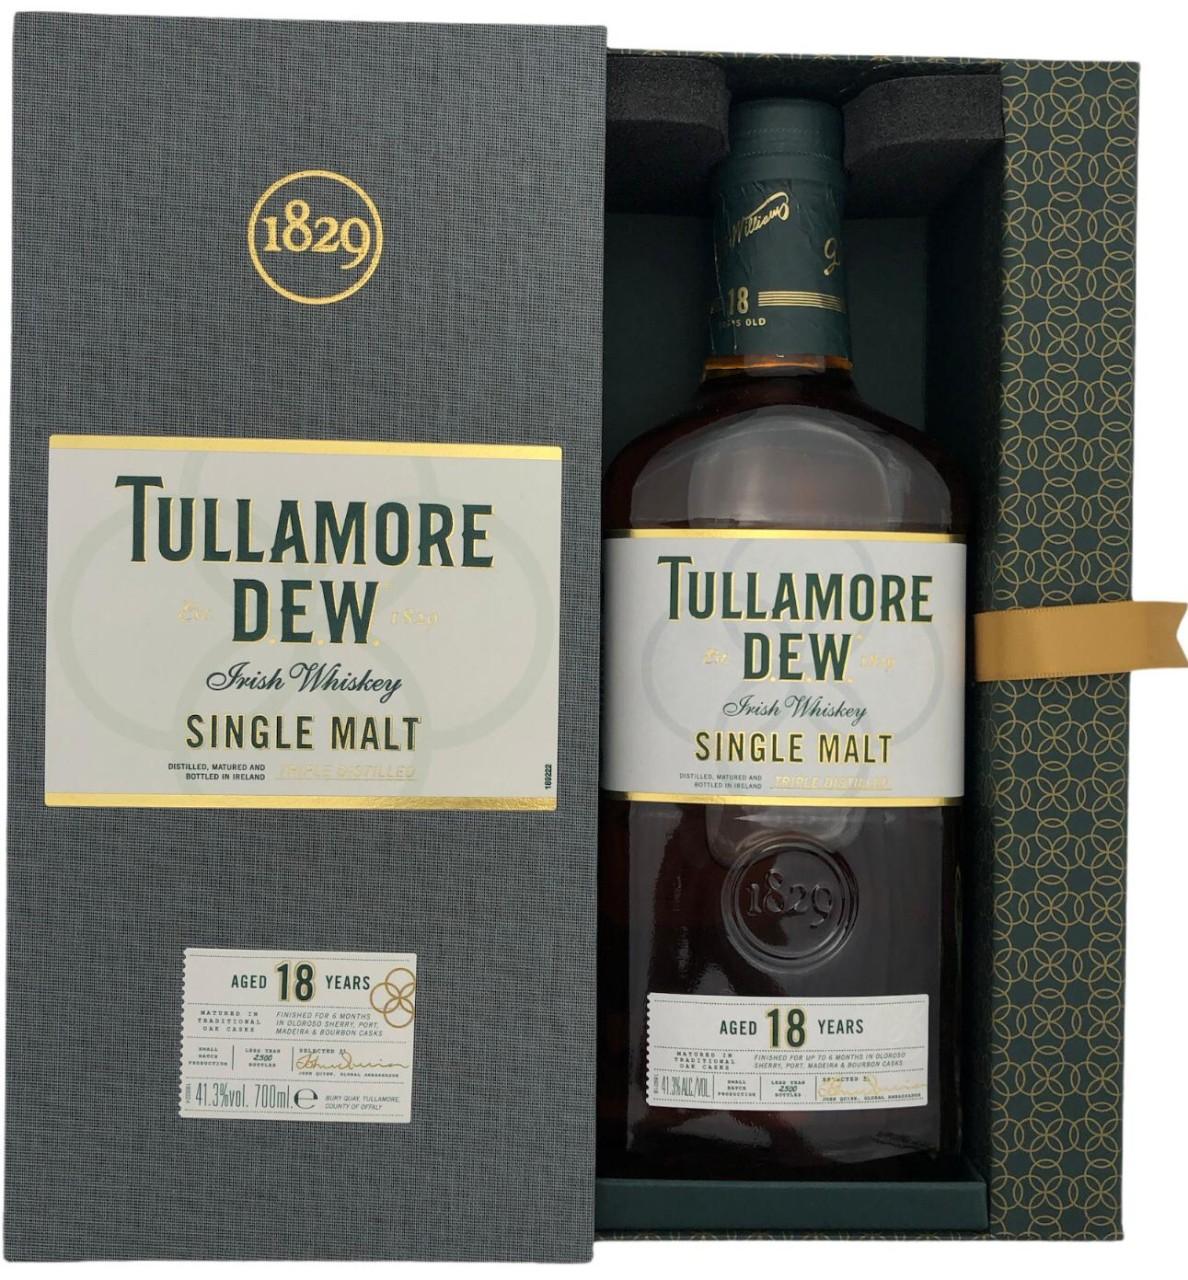 Tullamore Dew 18 Years Old Irish Single Malt in GP 0,7l